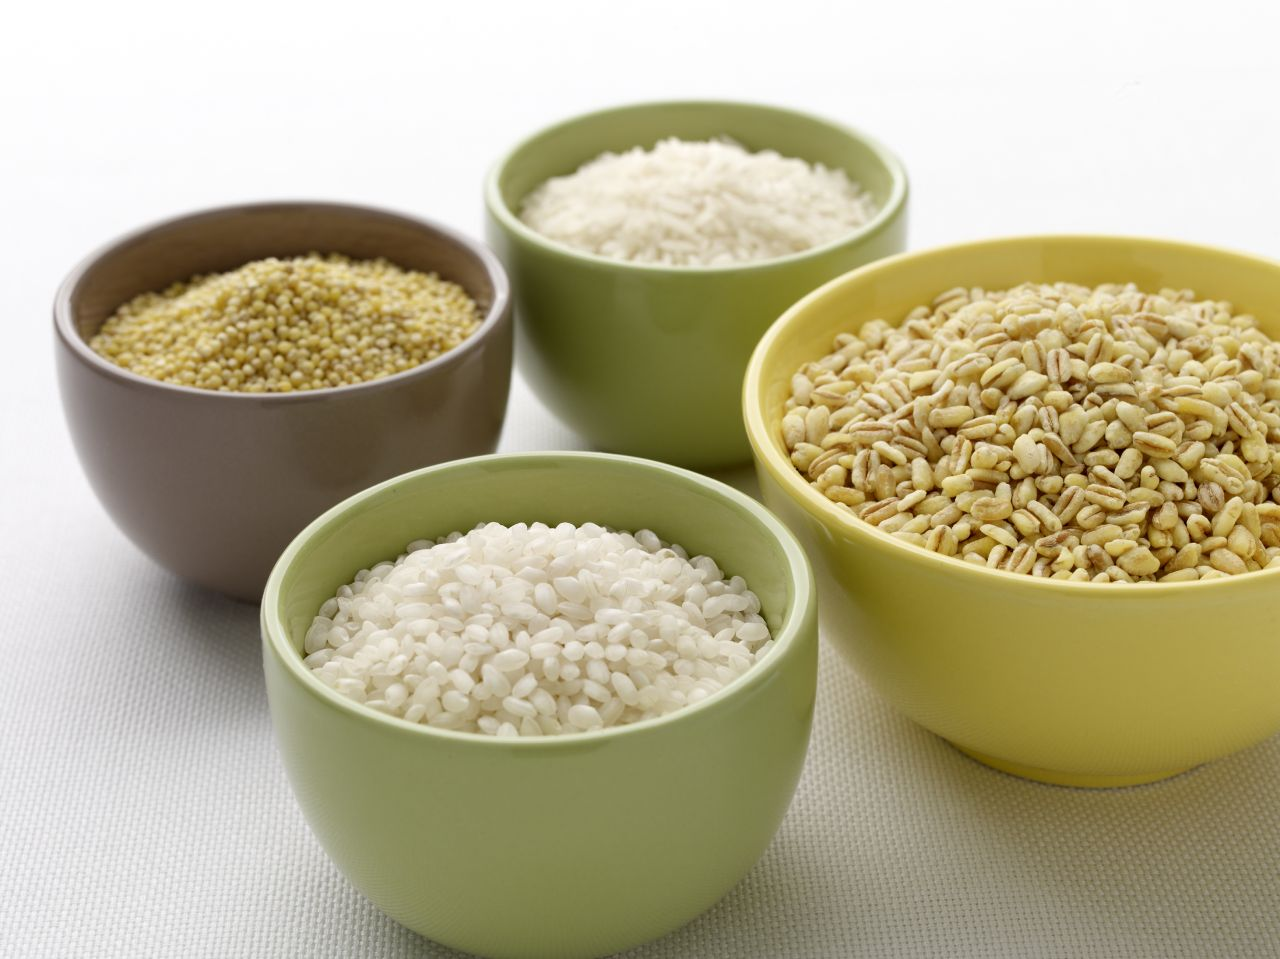 Lékué® mikrózható rizsfőző edény, zöld-fehér színben